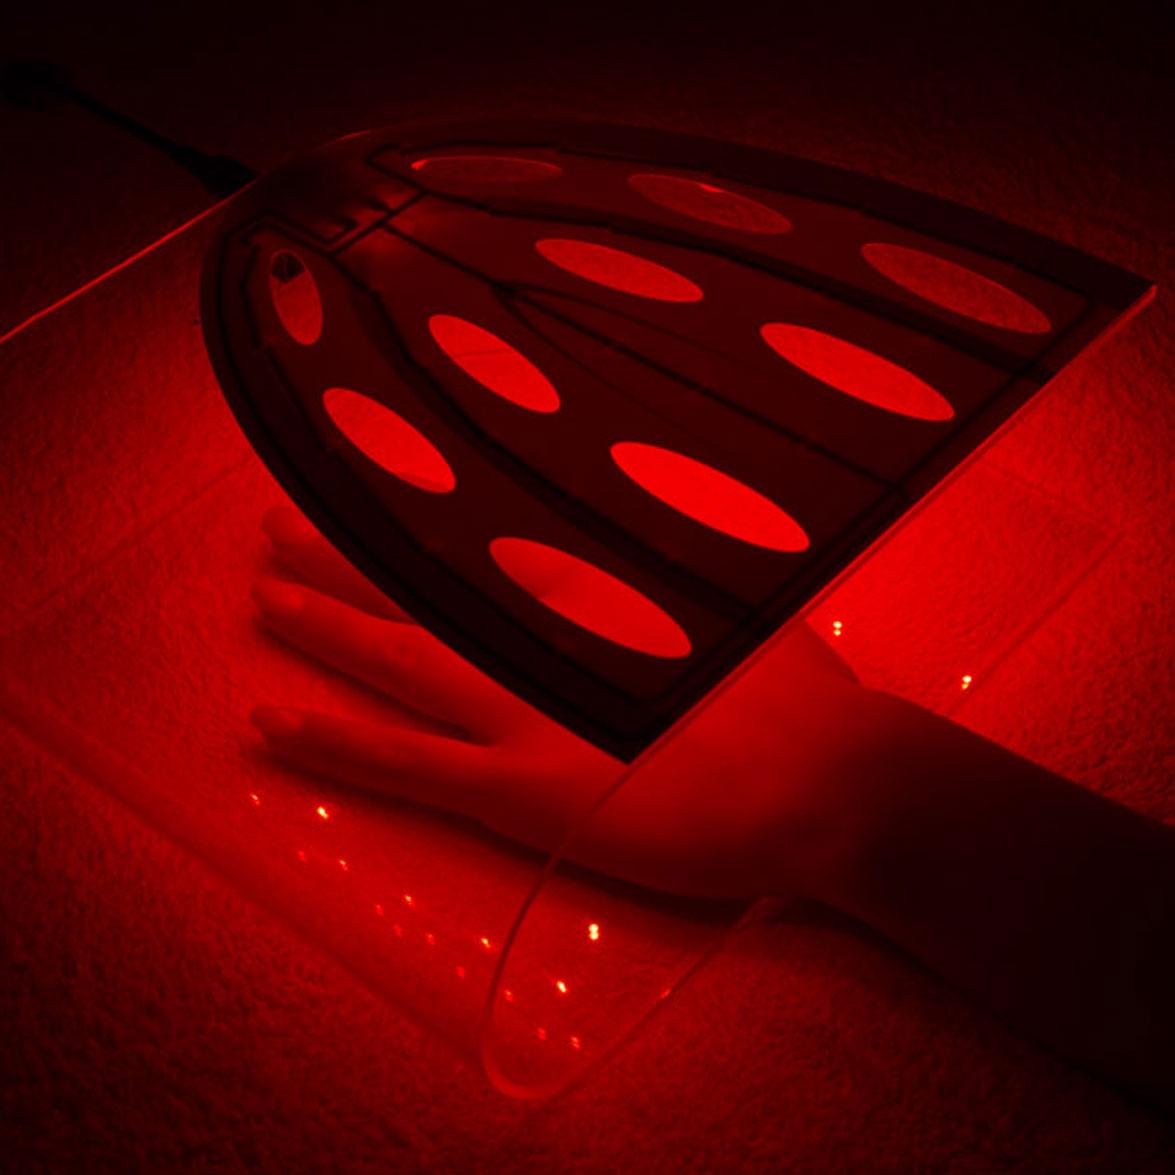 apparecchiature estetiche led mask mani